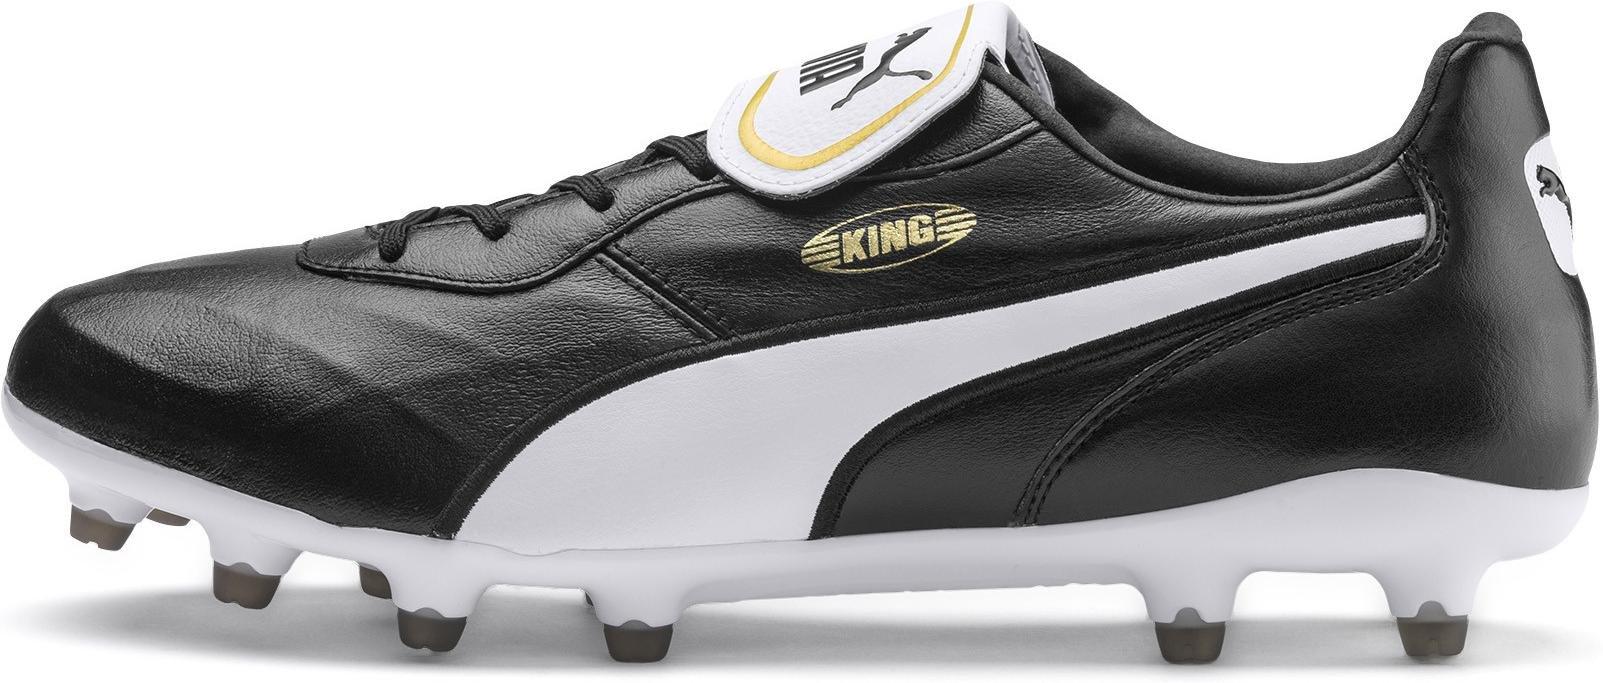 Football shoes Puma KING Top FG